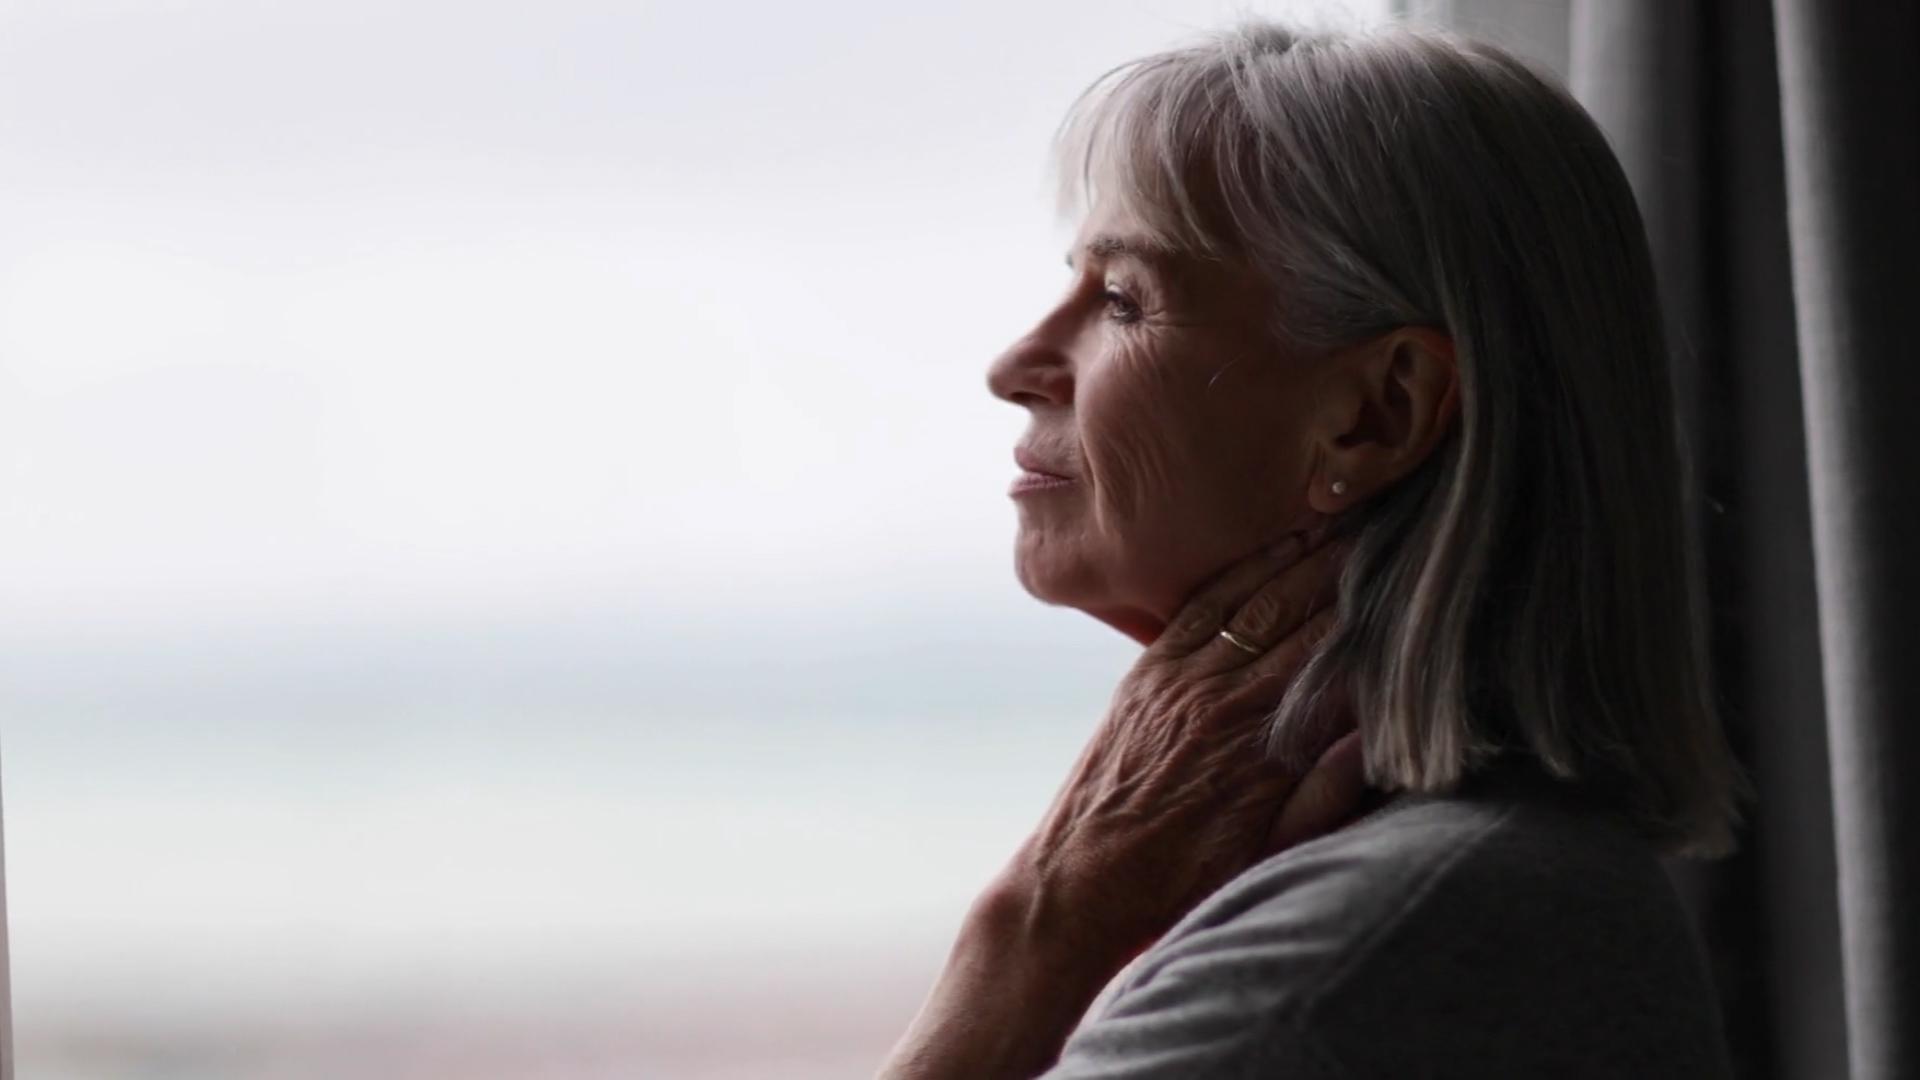 Produkty, które zwiększają ryzyko rozwoju demencji